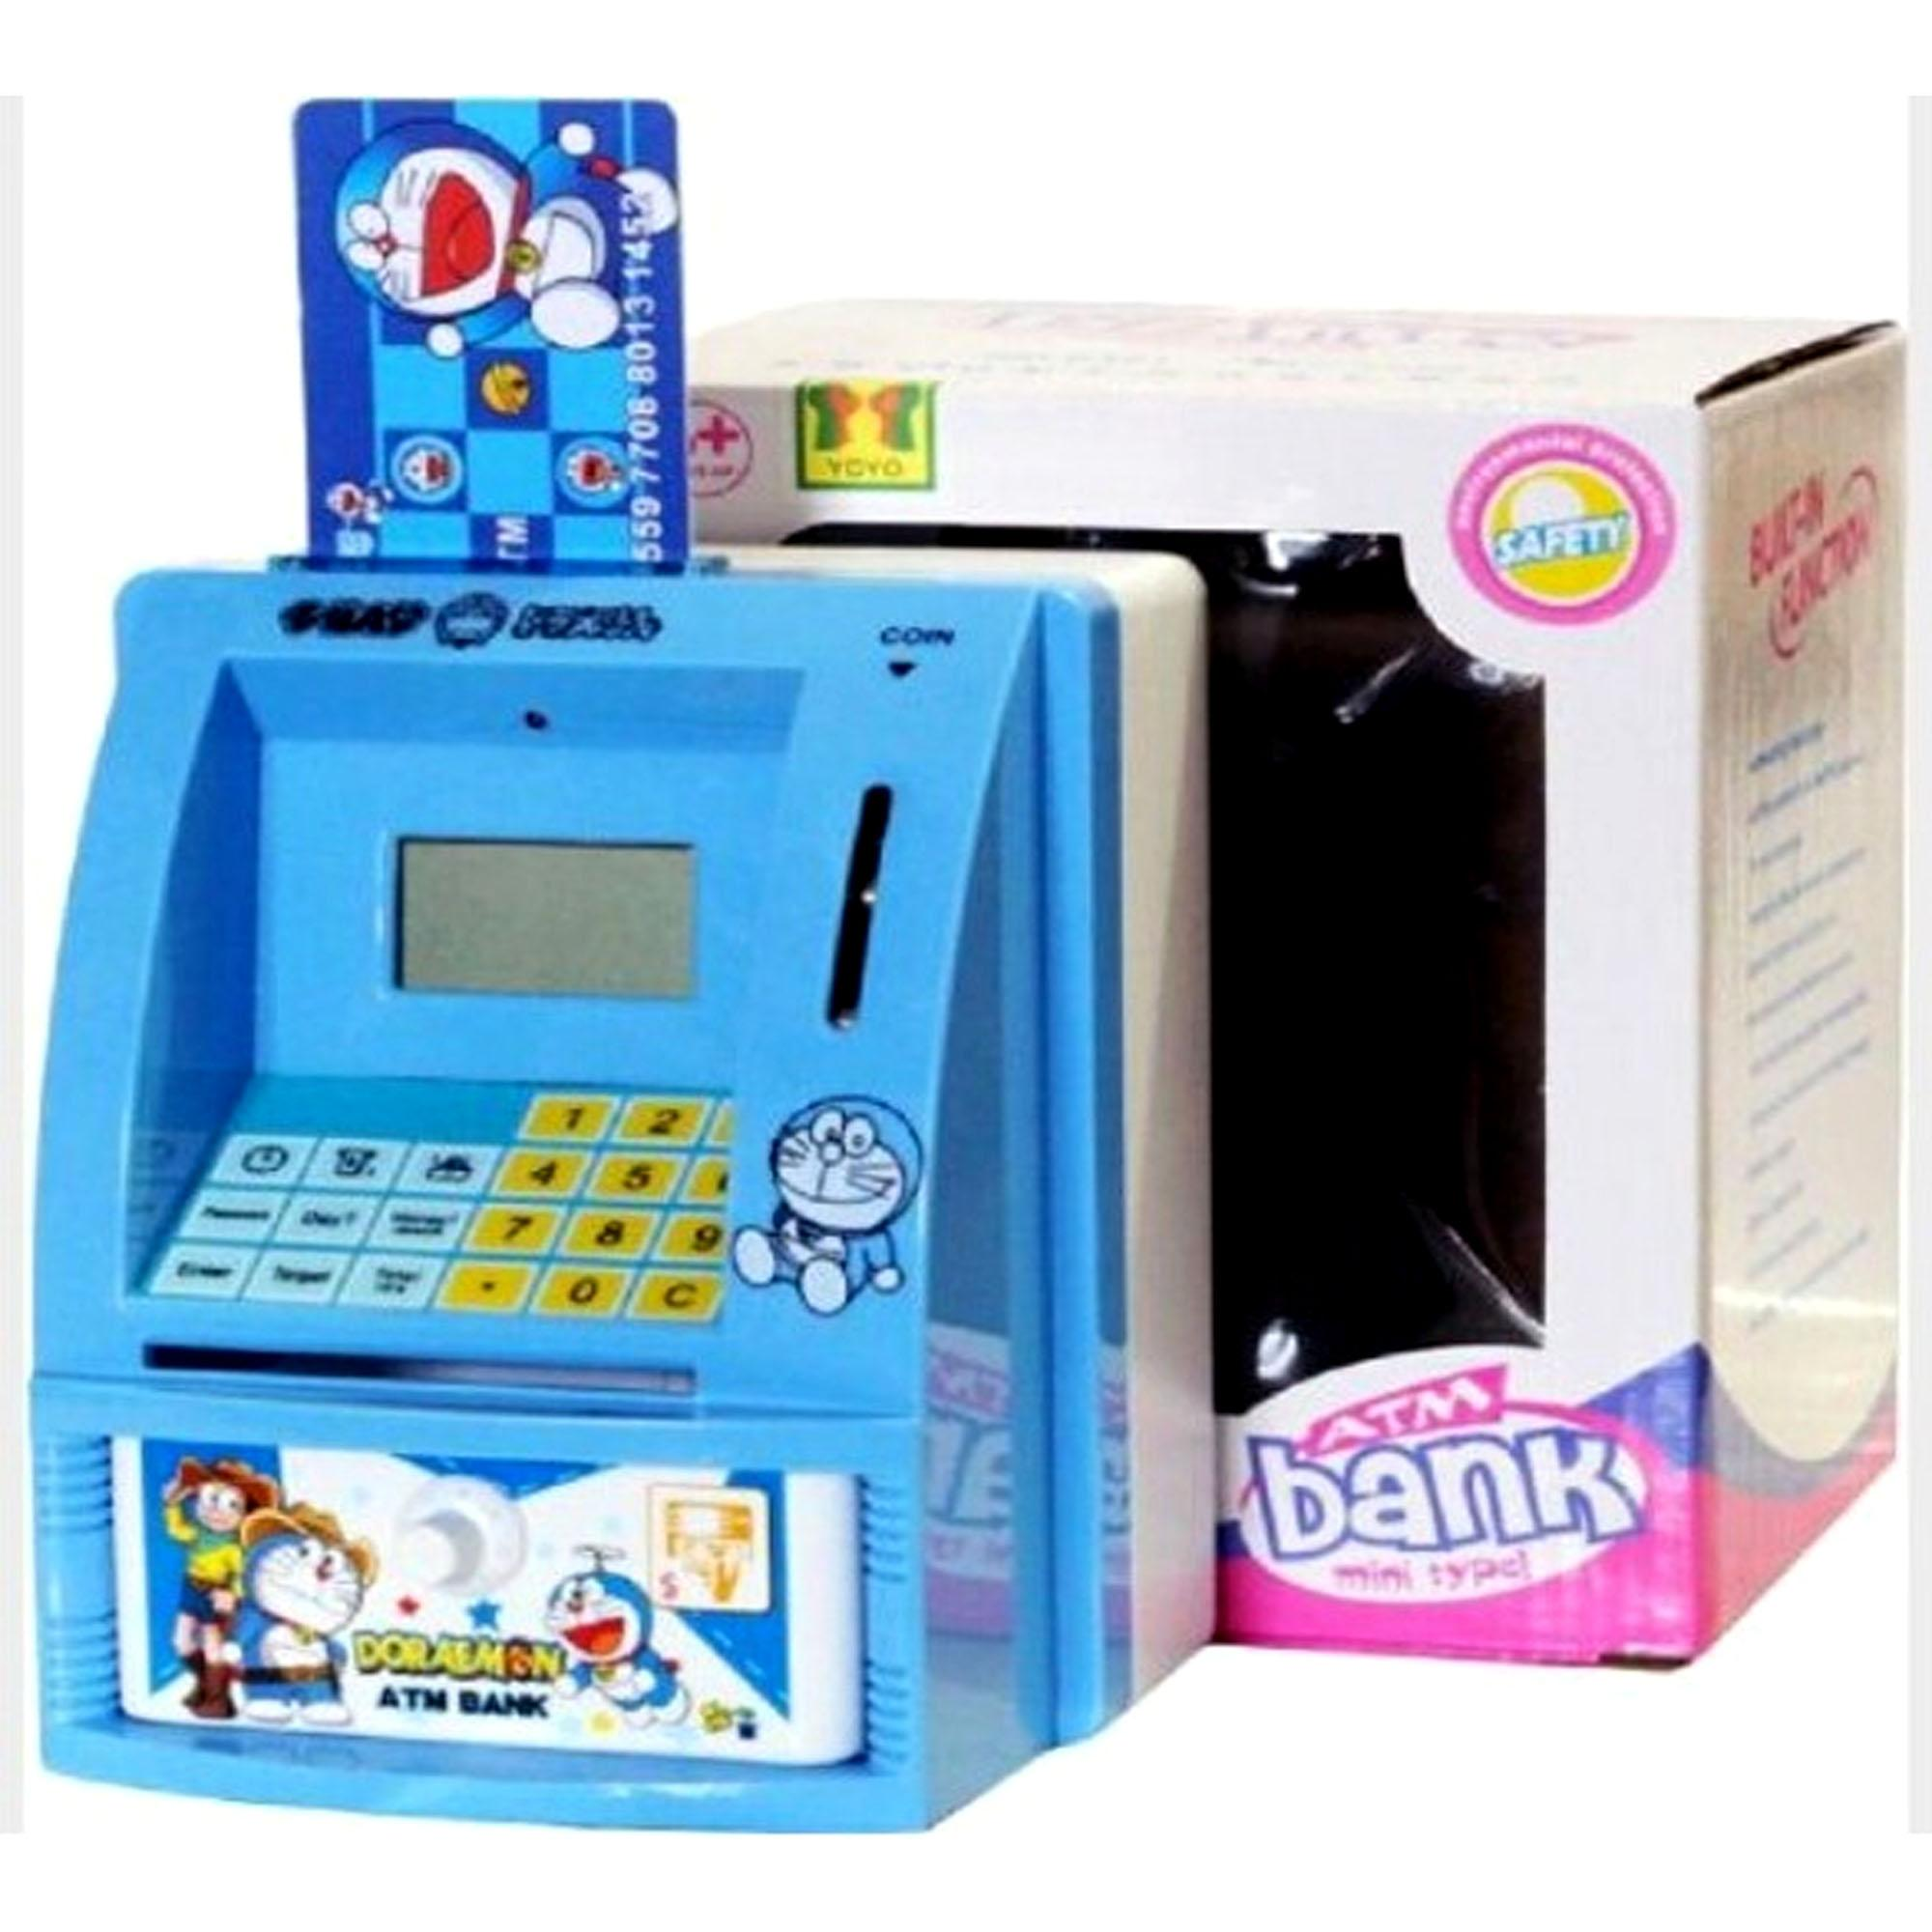 Fio Online Mainan Edukasi ATM Bank Mini Celengan ATM Mini Otomatis Bahasa Indonesia Rupiah - Kitty atau doraemon - pink atau biru